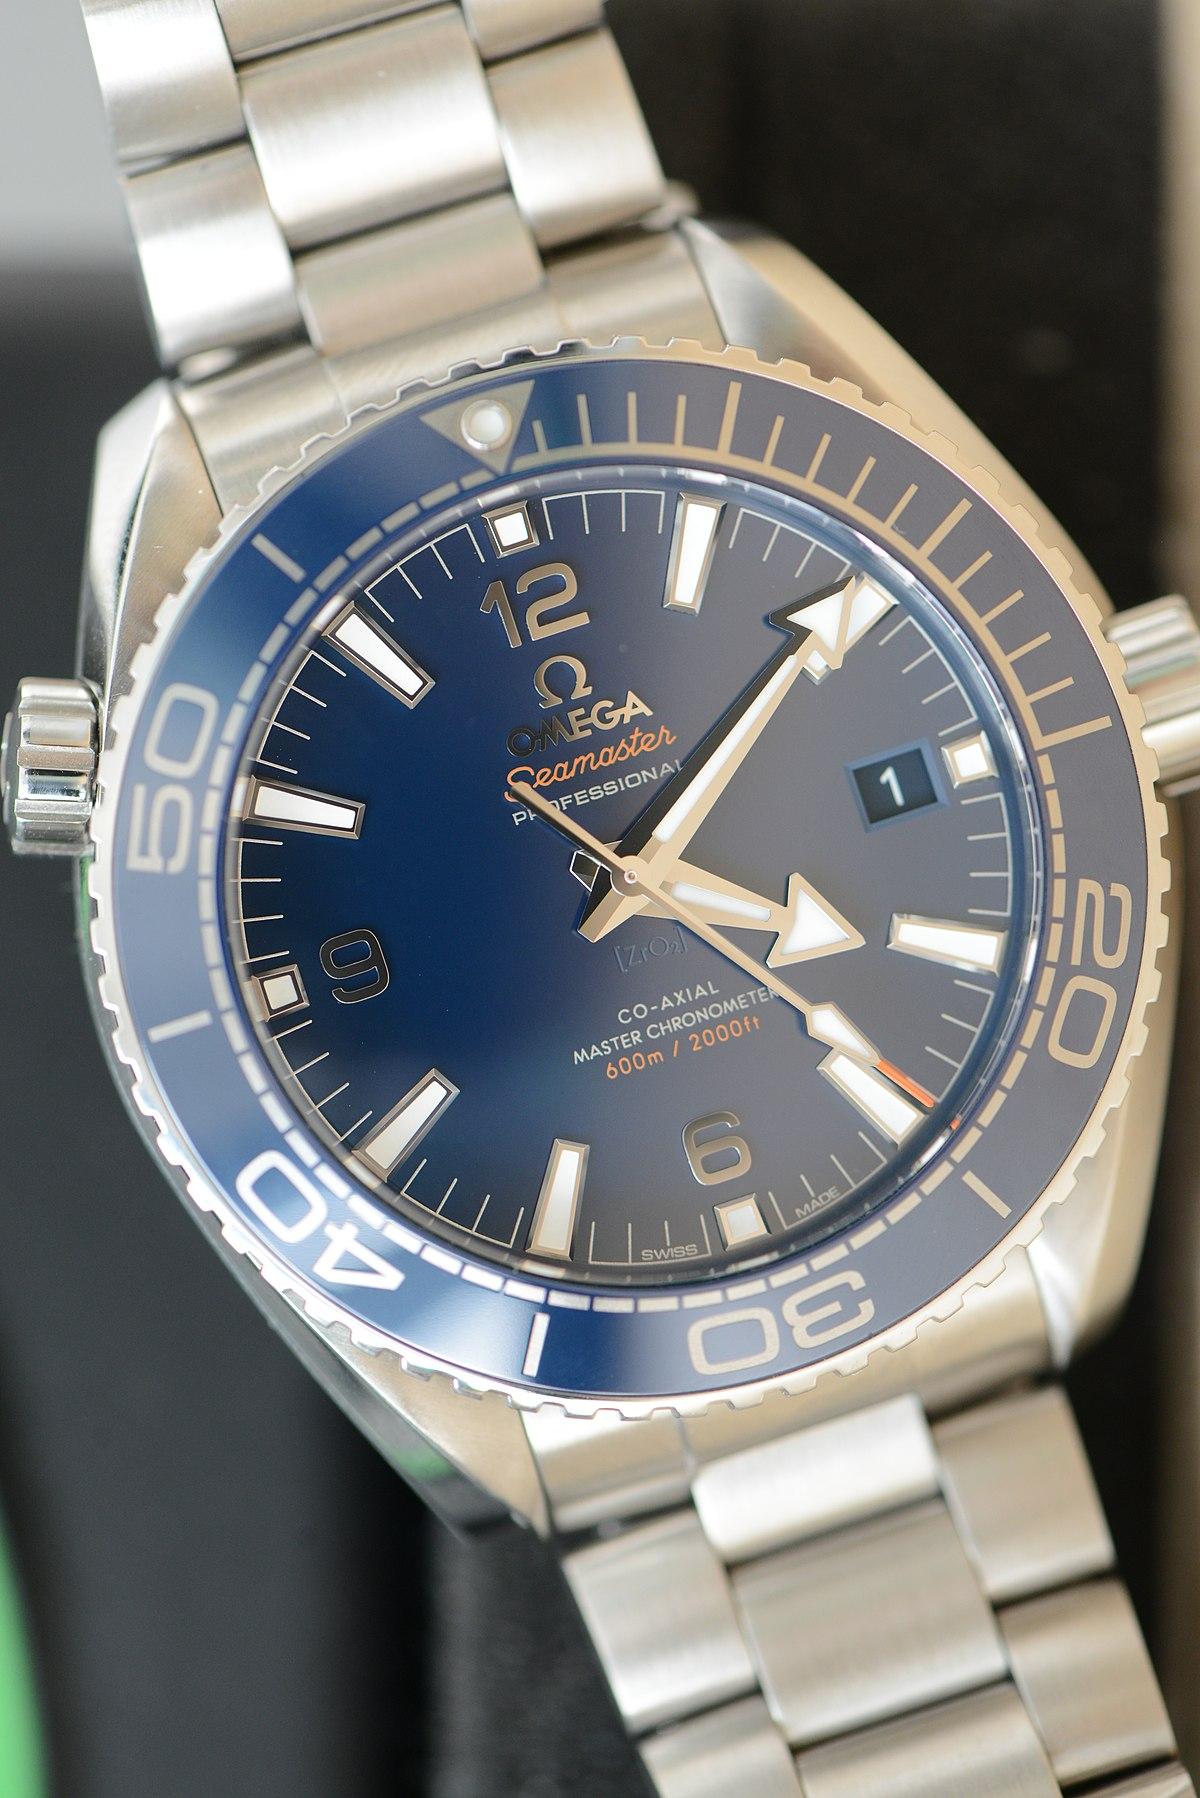 Omega Seamaster Anni 70.Omega Seamaster Wikipedia